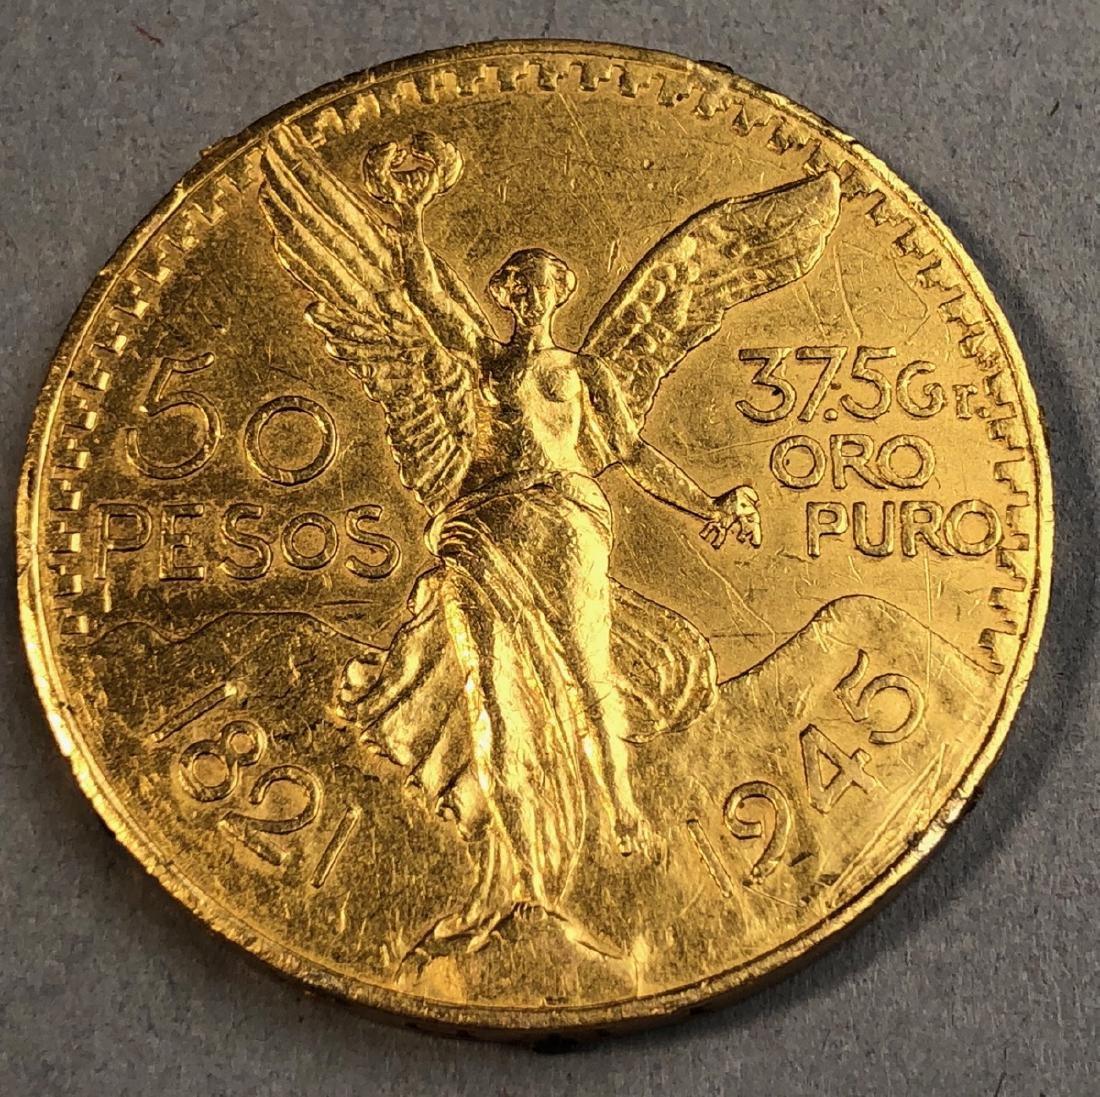 1945 Mexico 50 Pesos Gold Coin.